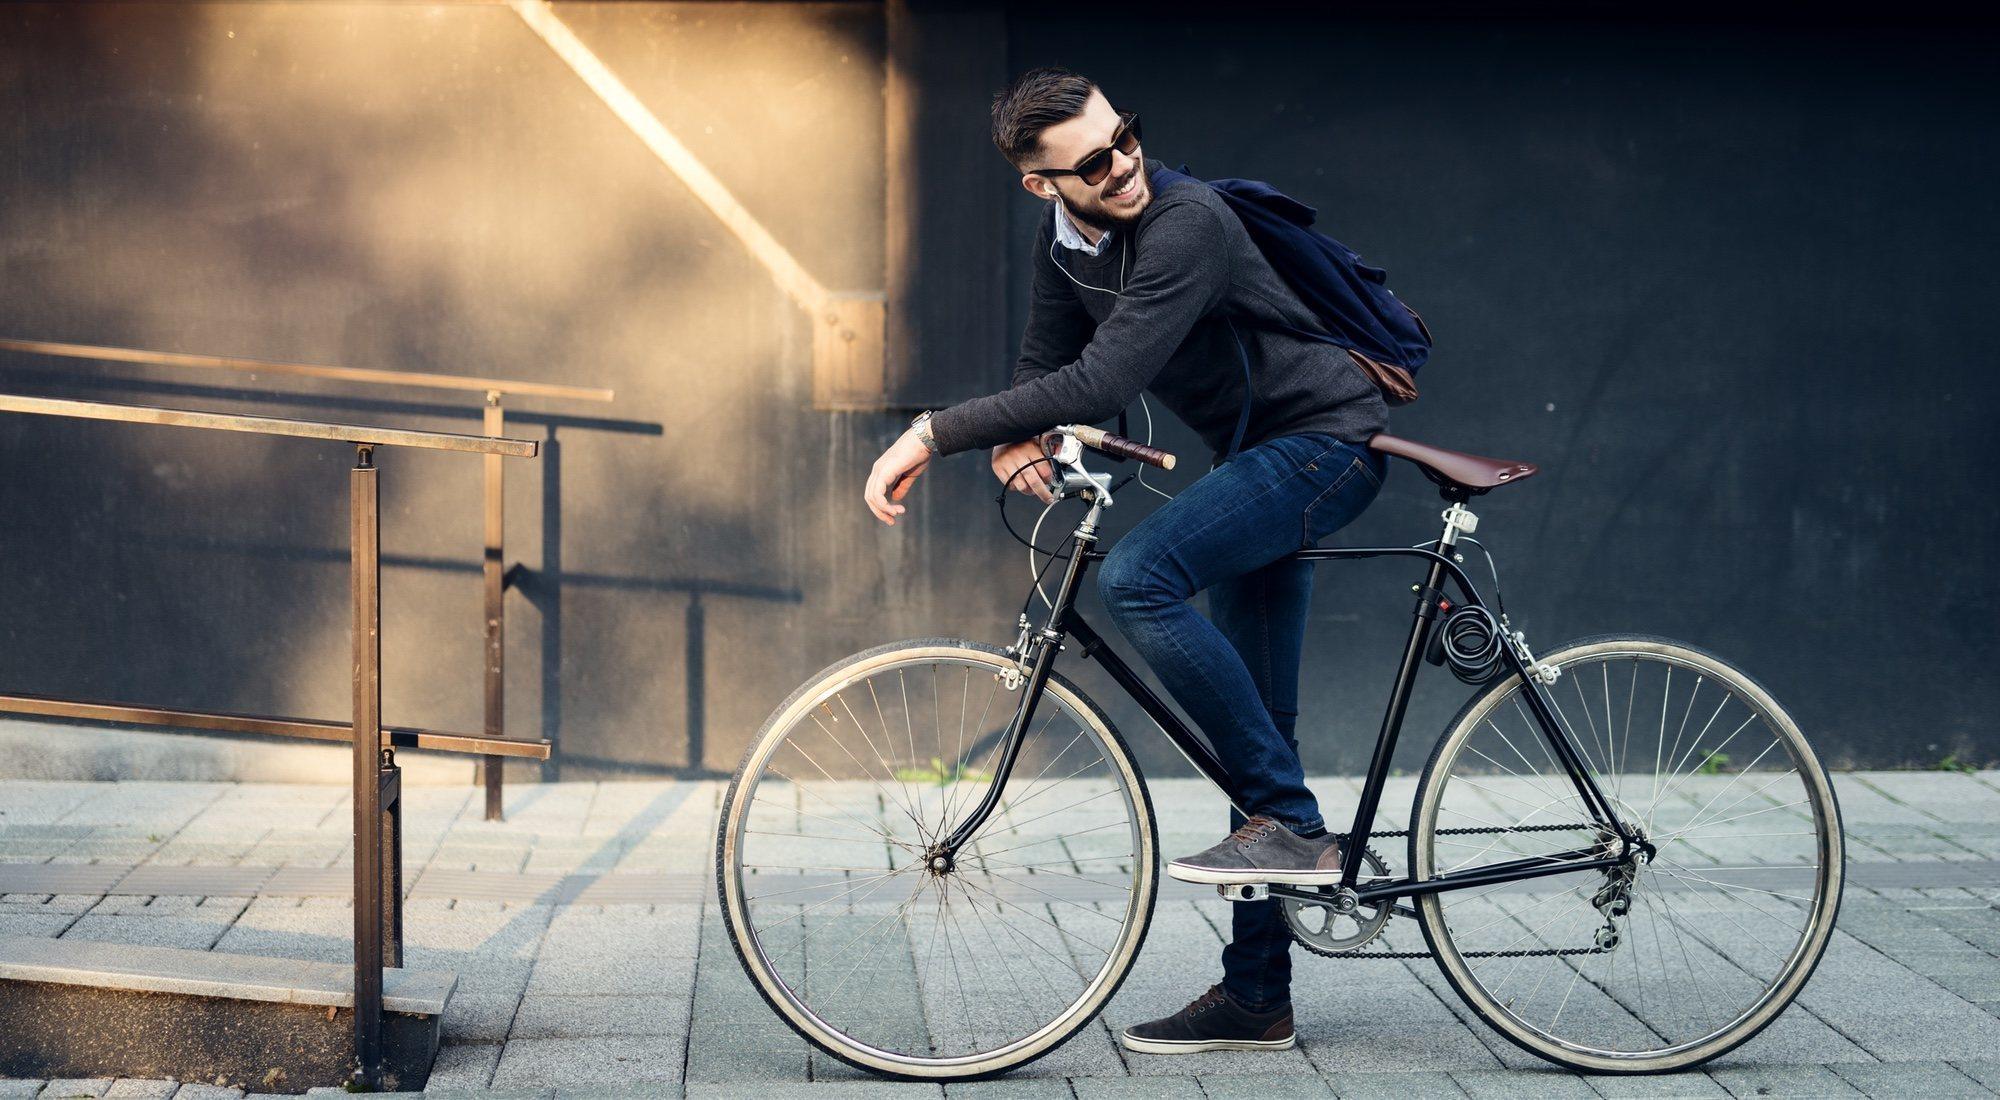 La odisea de ir al trabajo en bicicleta: problemas y trucos